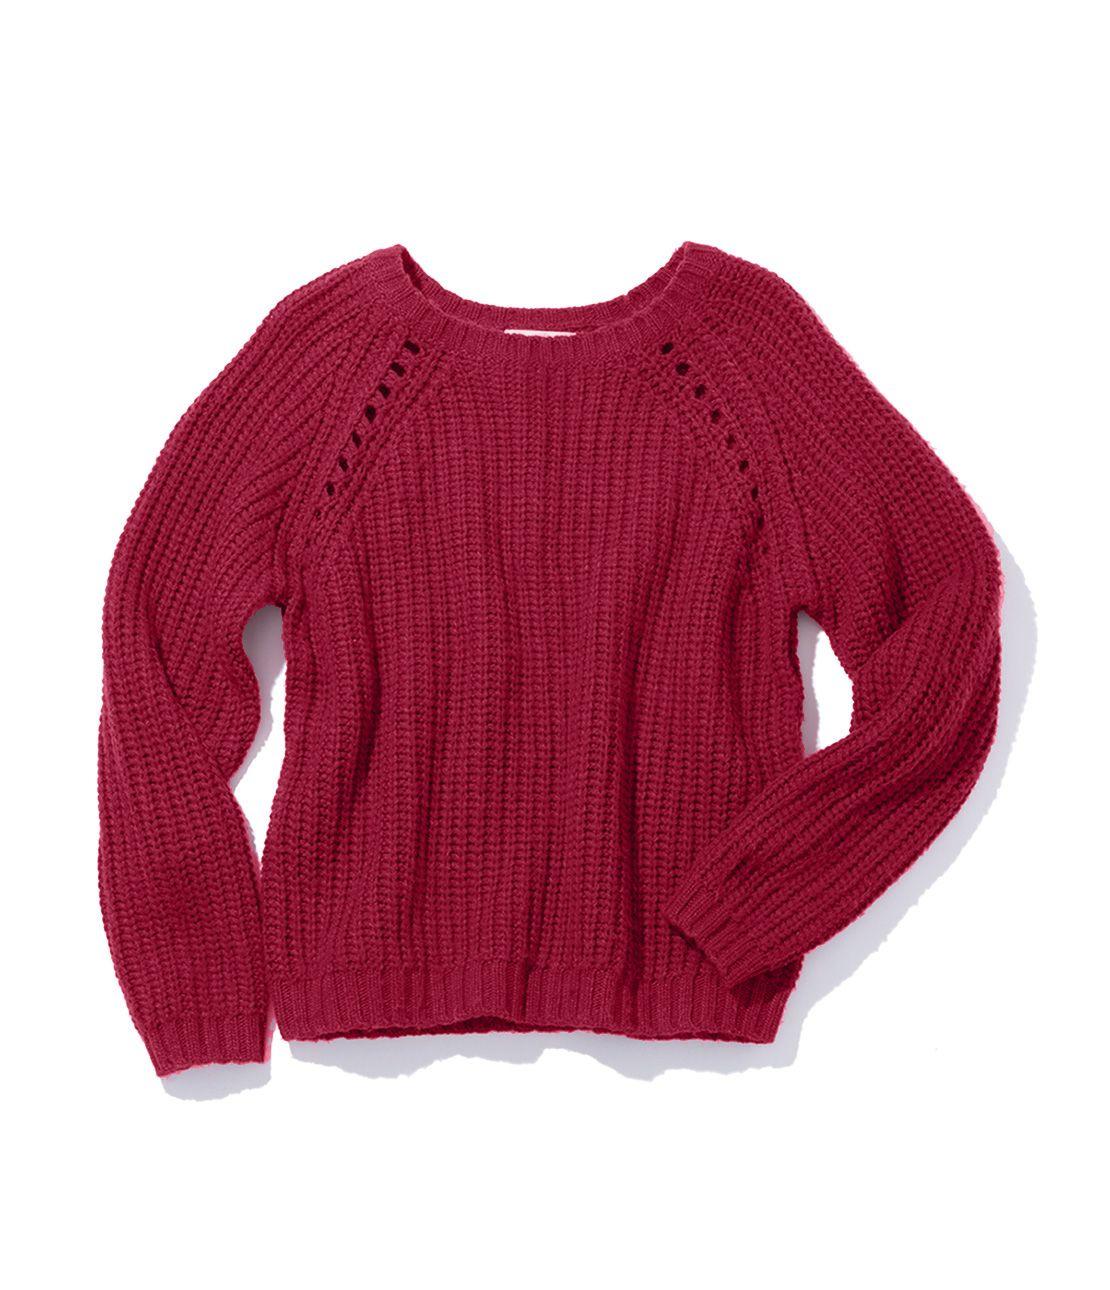 Eyelet design sweater